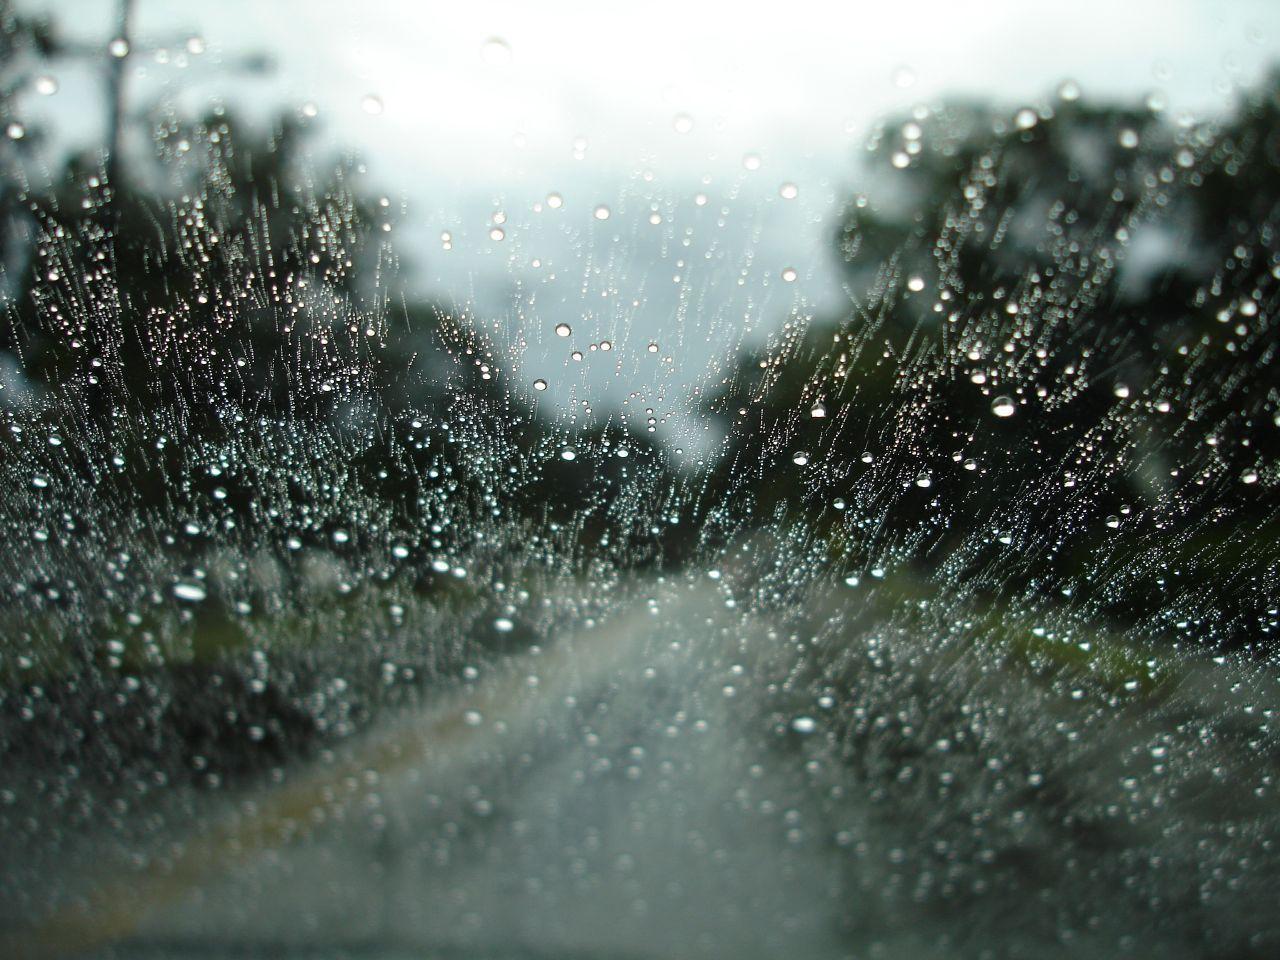 hacker wallpapers rainy day - photo #2